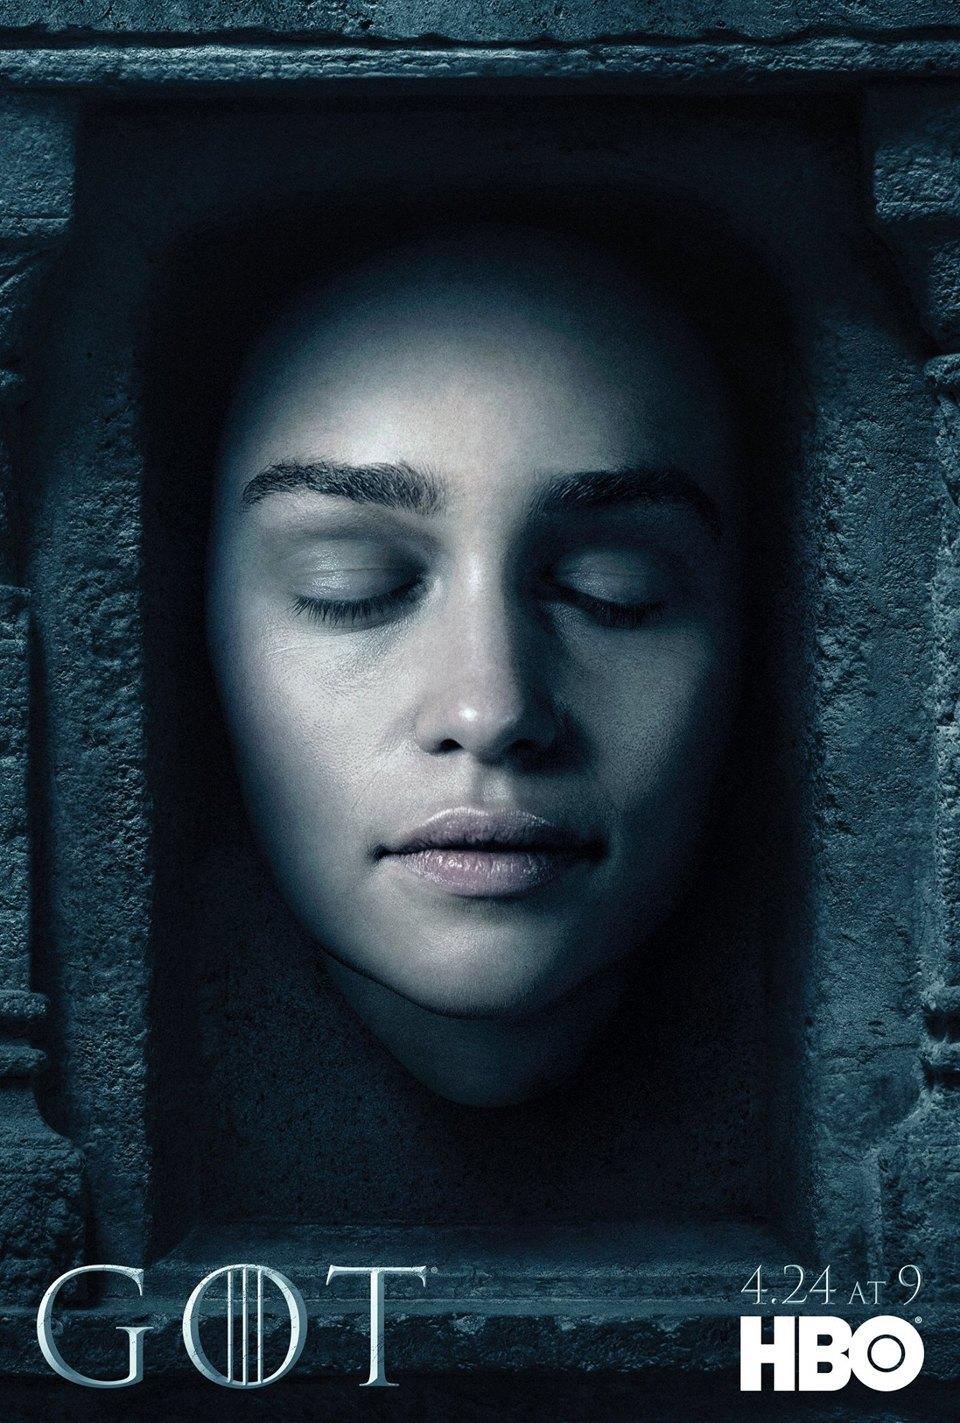 Постеры с героями «Игры престолов» к новому сезону. Изображение № 9.